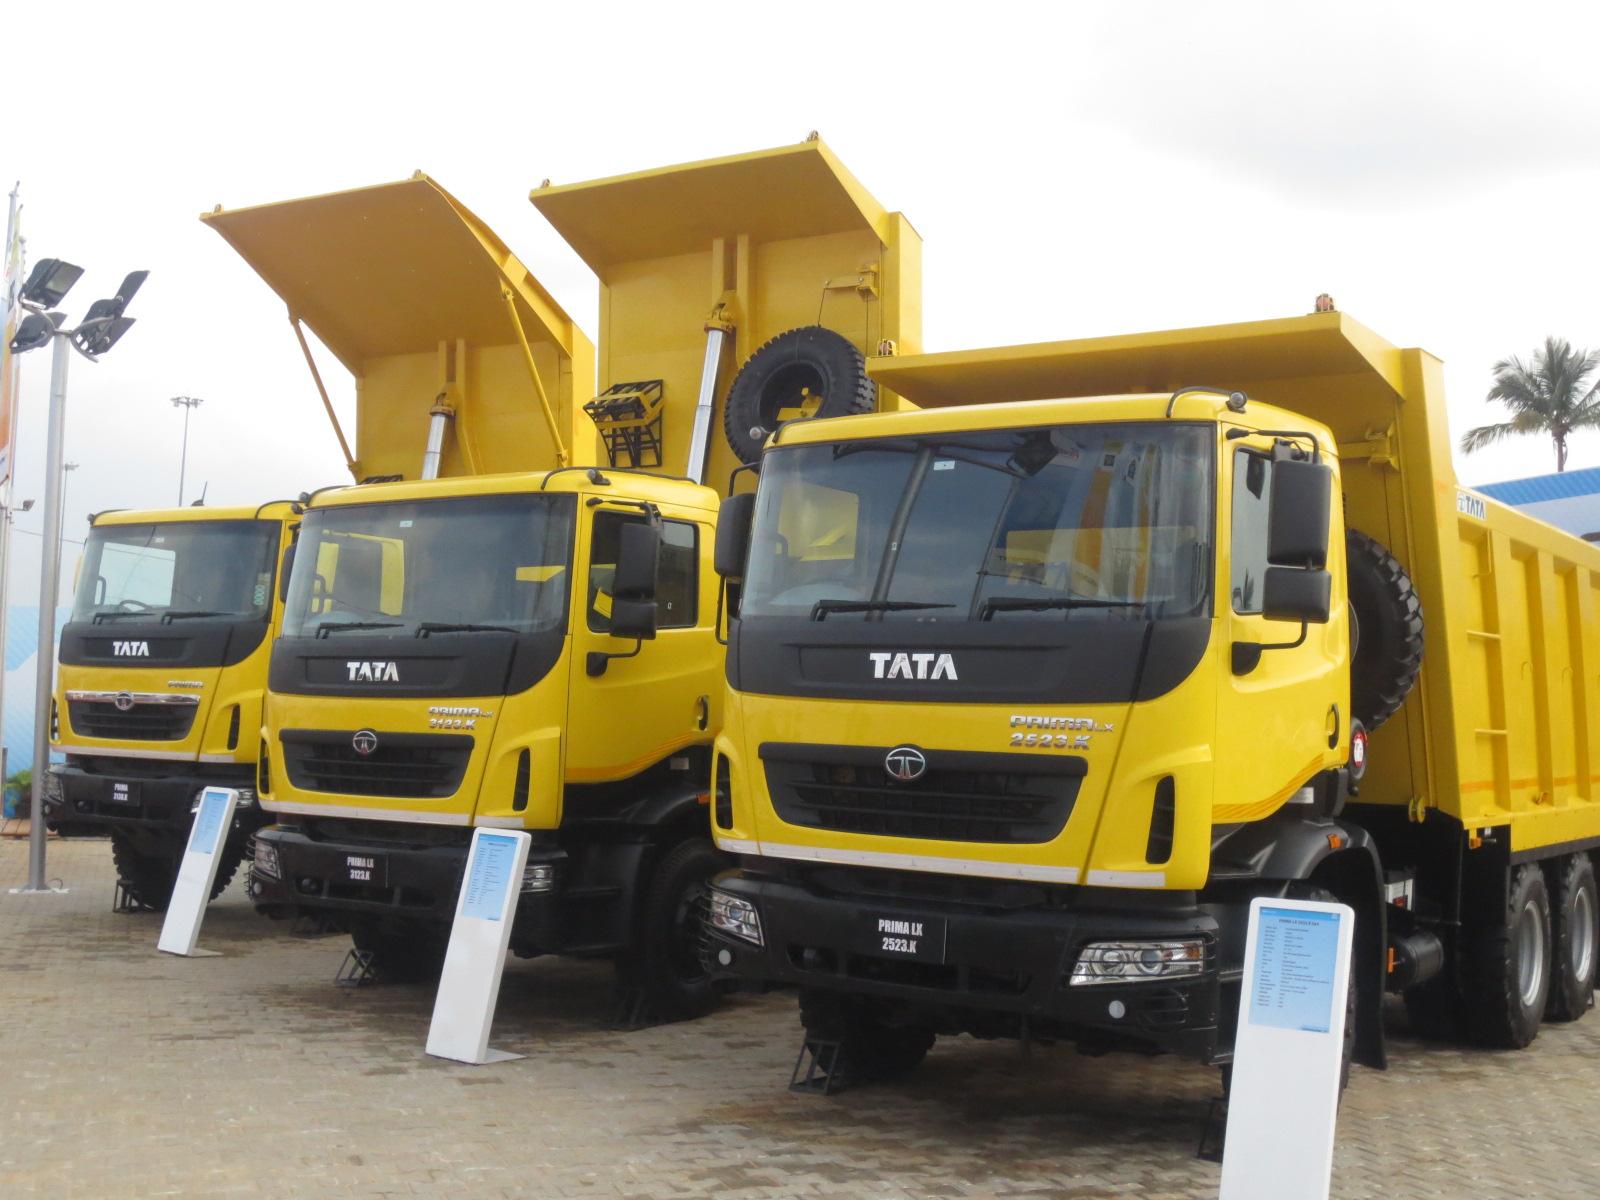 Kelebihan Harga Dump Truck Perbandingan Harga